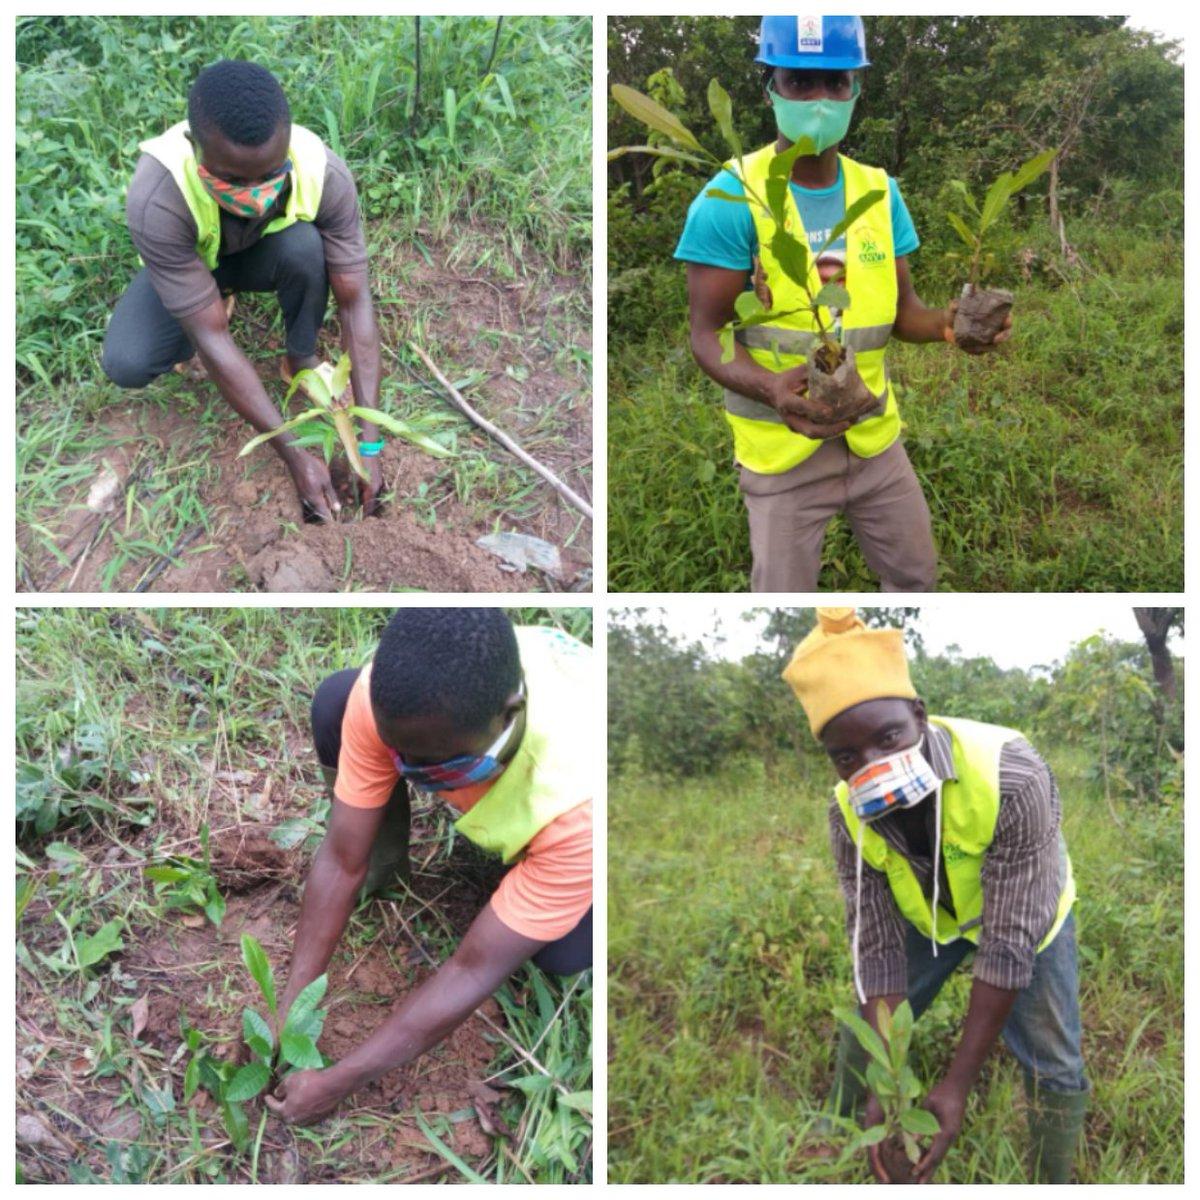 Les VEC de Mô 1 (Djarkpanga) ont mis en terre 137 plants composés des anacardiers et des manguiers, ce 27 Juillet   L'objectif est de lutter contre le réchauffement climatique et de prouver leur engagement pour la  protection de l'écosystème.  #VEC #JeMengage #CRVCentrale #ANVT https://t.co/8gyIFwvFyG